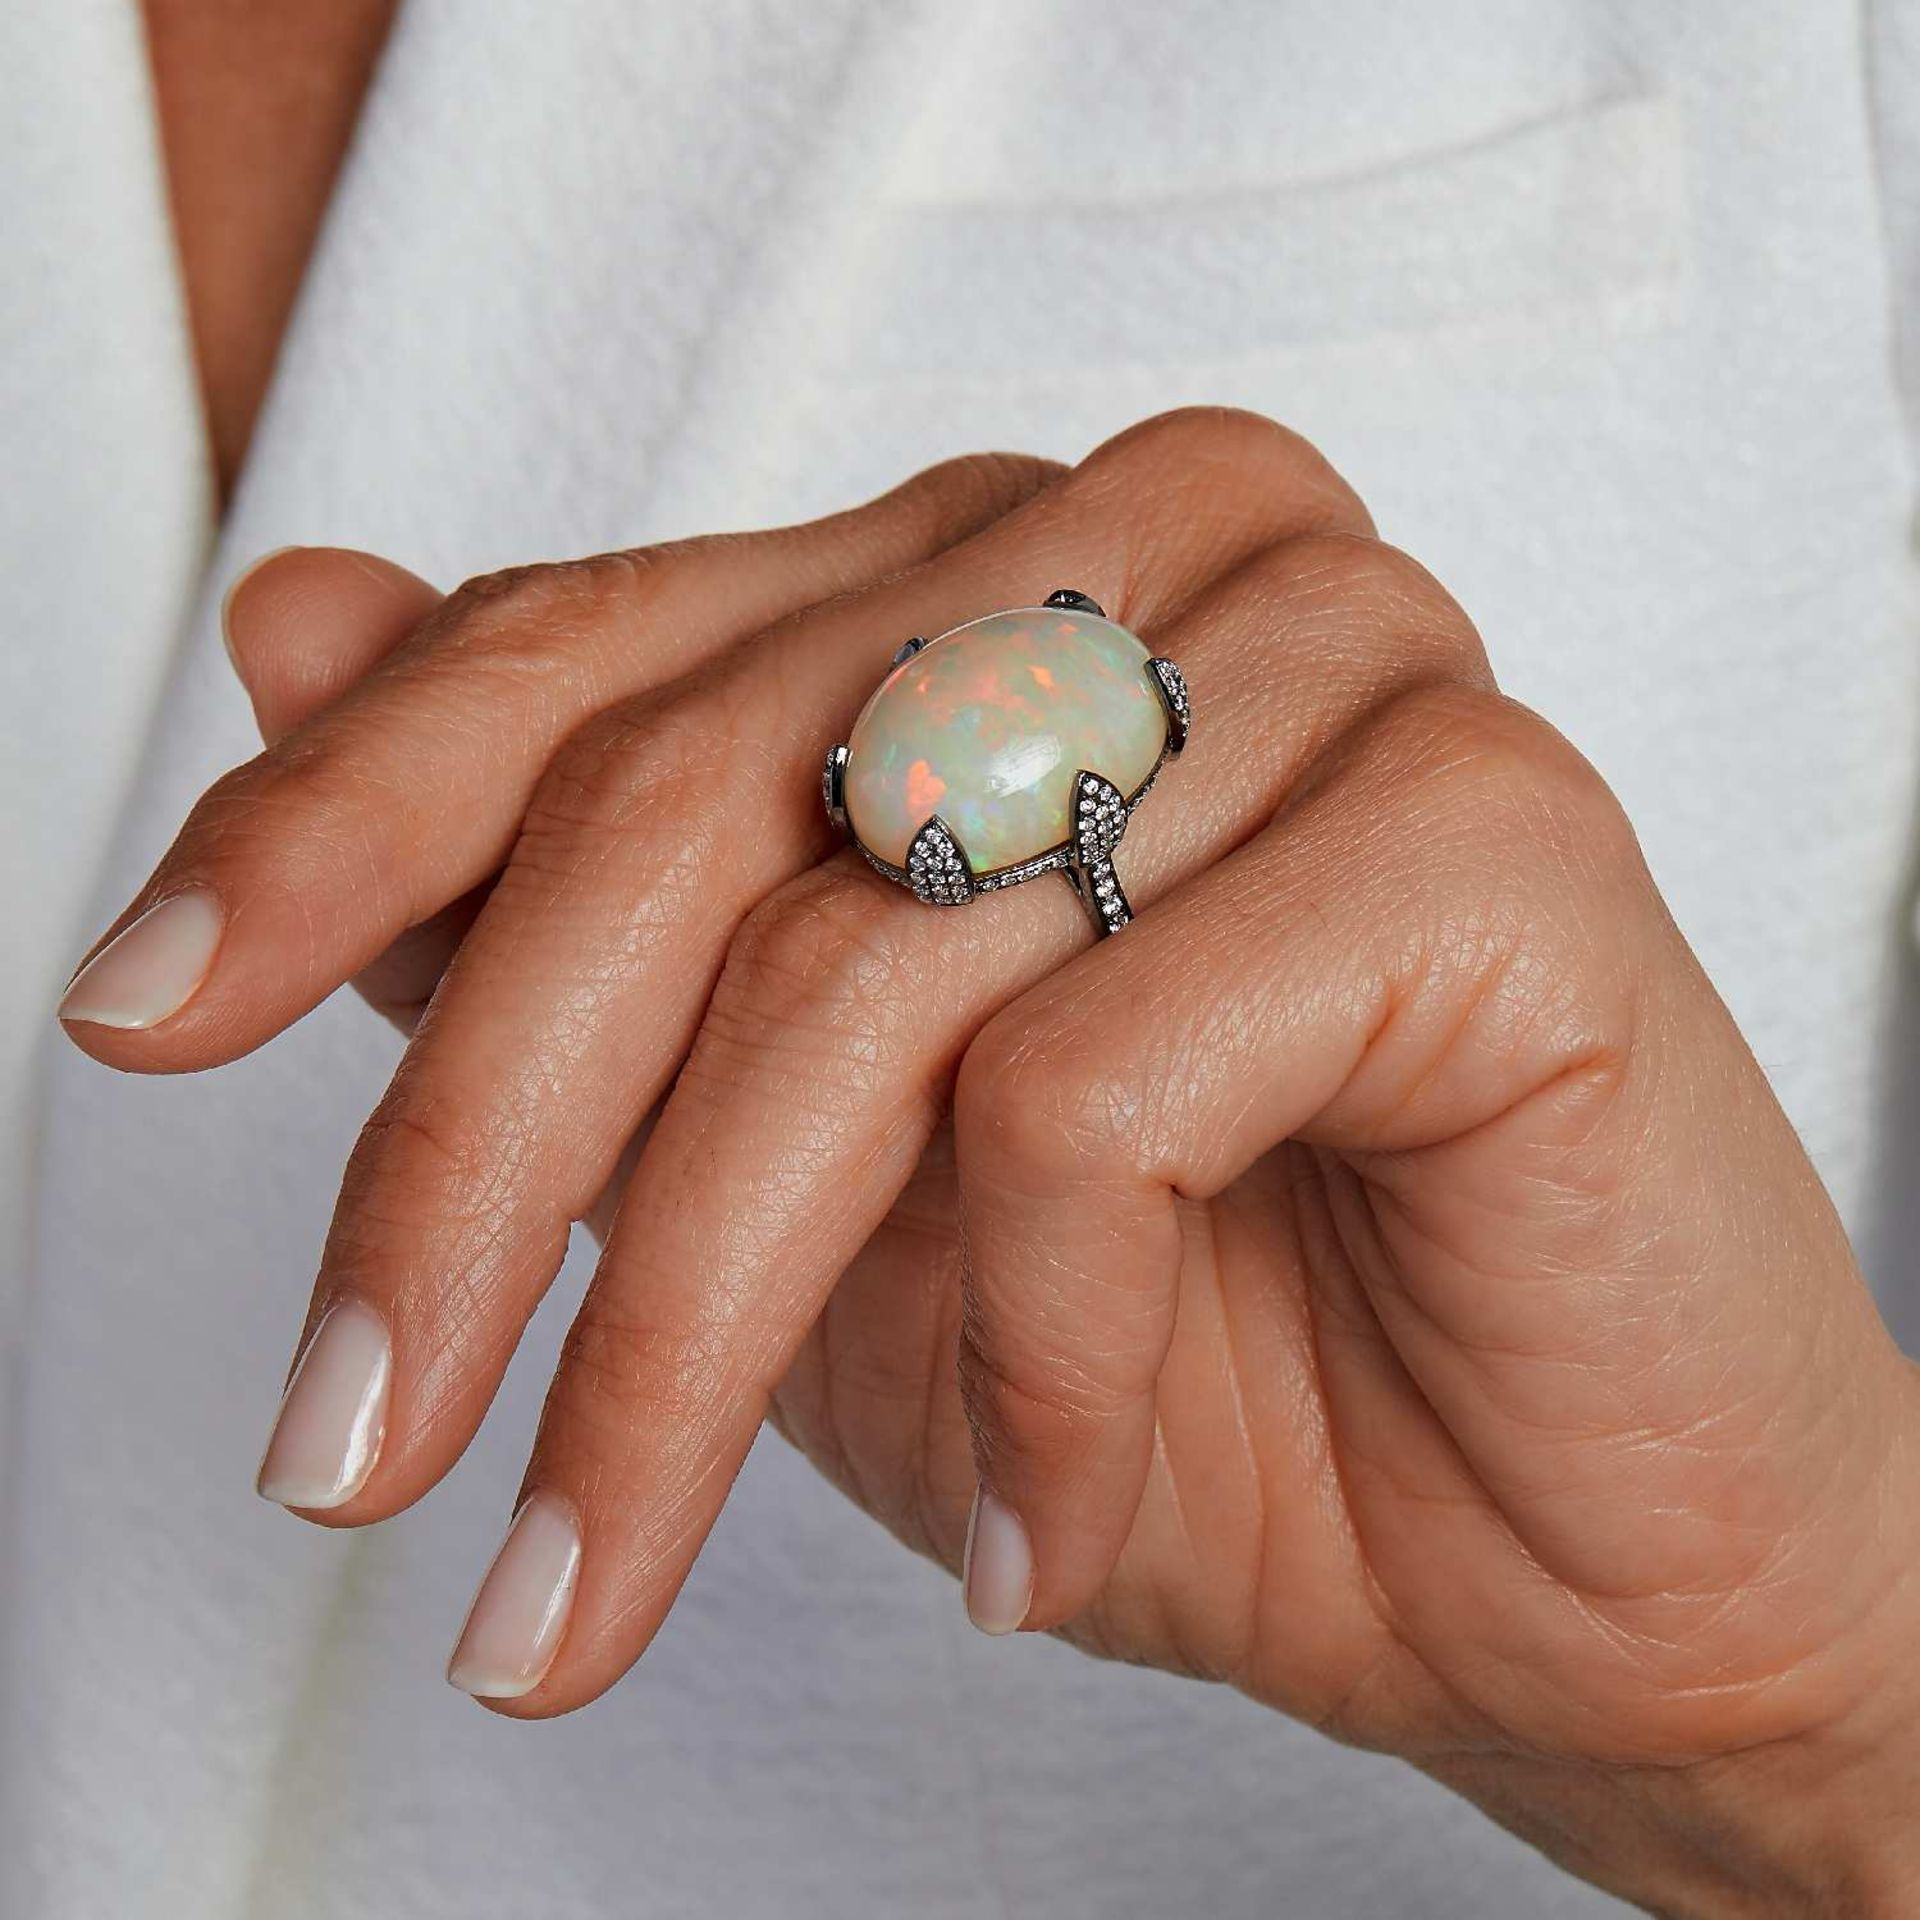 TRAVAIL FRANÇAIS GRANDE BAGUE OPALE Le cabochon d'opale est retenu par des griffes pavées de